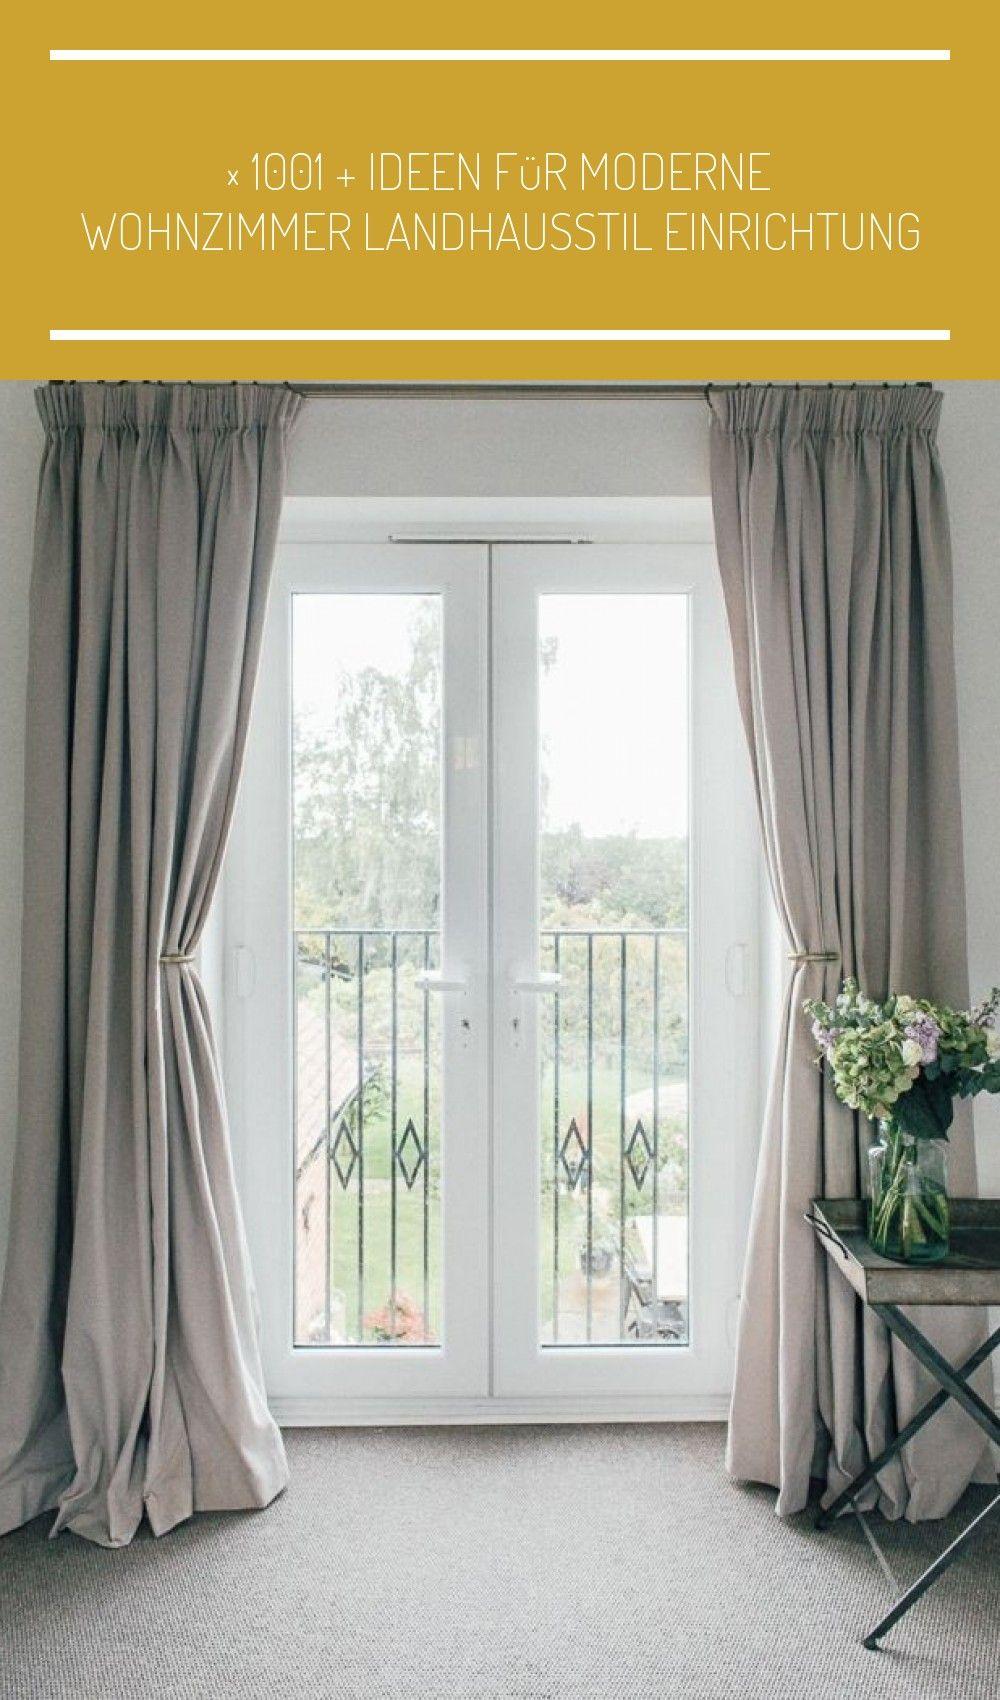 Landhausmöbel Idee Graue Möbel Deko Und Einrichtungsideen Glasblumen Weiß Und Grün Deko Idee Einri Wohnzimmer Modern Landhausstil Wohnzimmer Landhaus Möbel